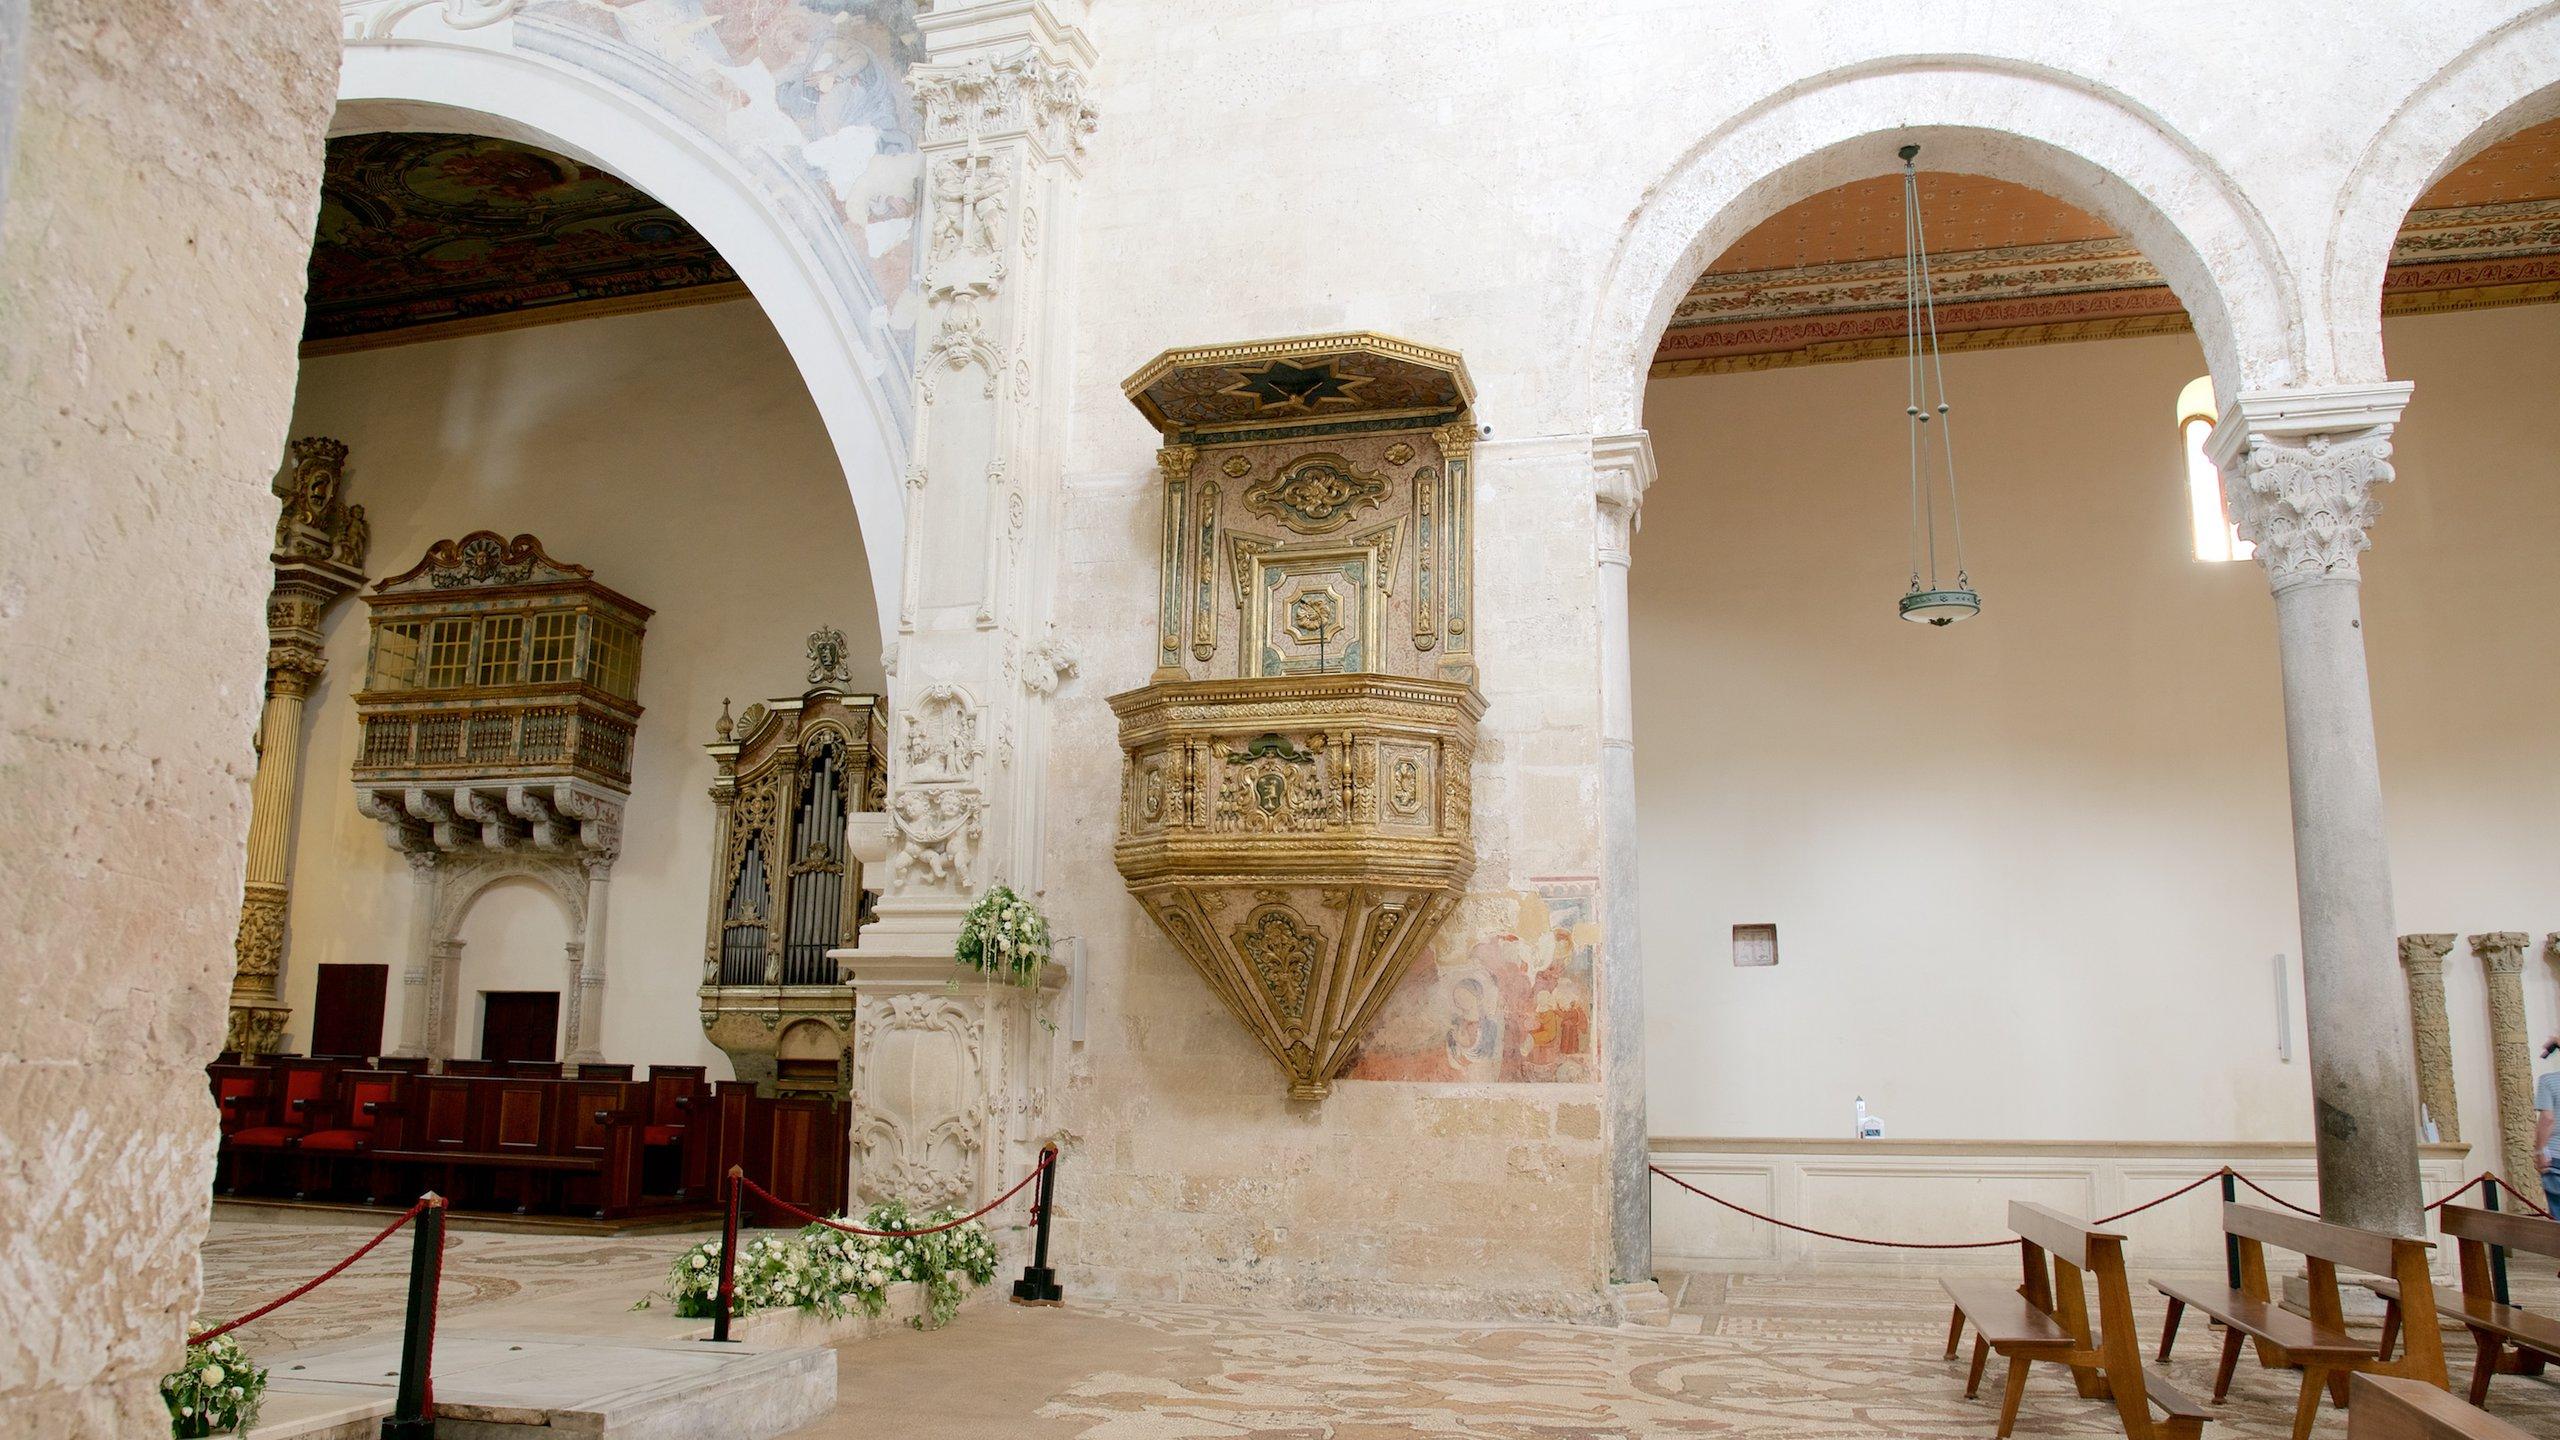 Otranto Cathedral, Otranto, Puglia, Italy